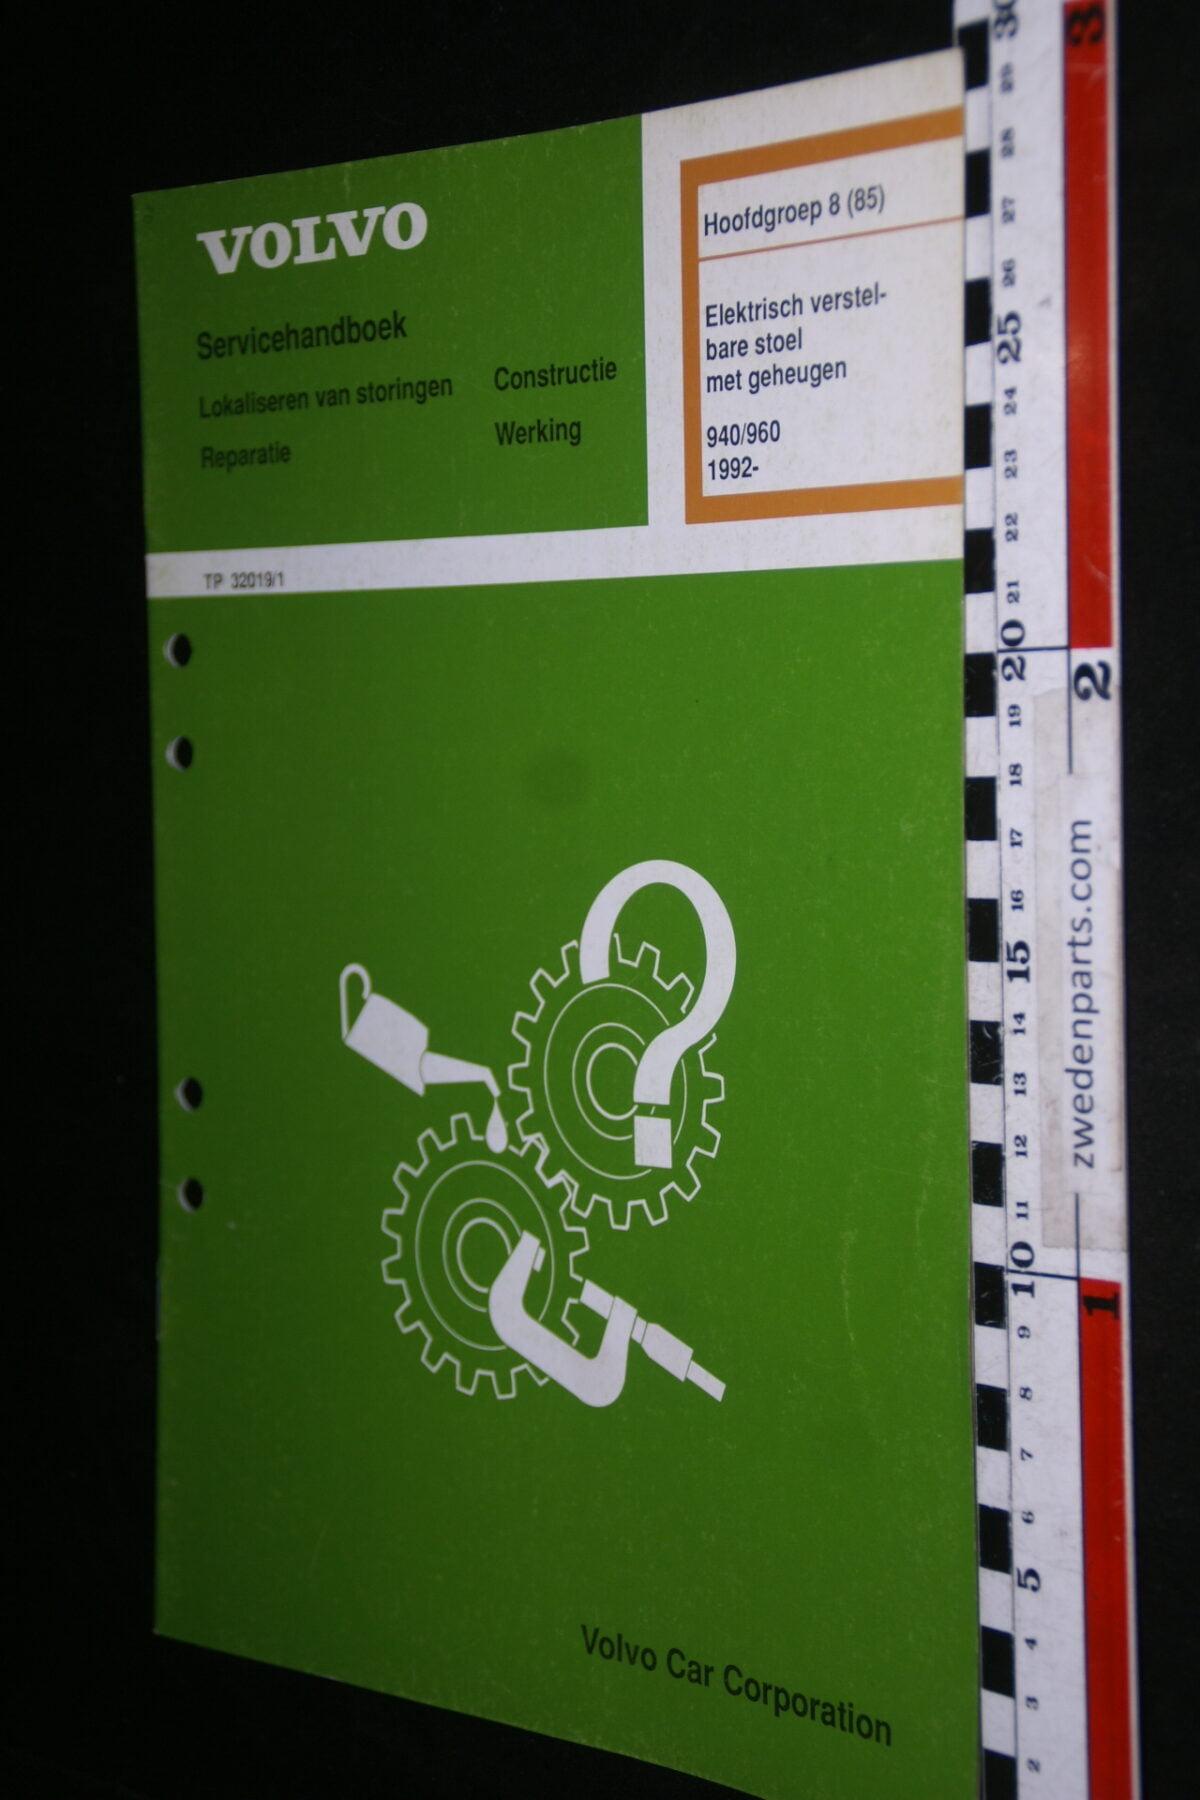 DSC00340 1992 origineel Volvo 940 960 werkplaatshandboek 8(85) electrische verstelbare stoel 1 van 800 nr TP32019-1-29ce2b27